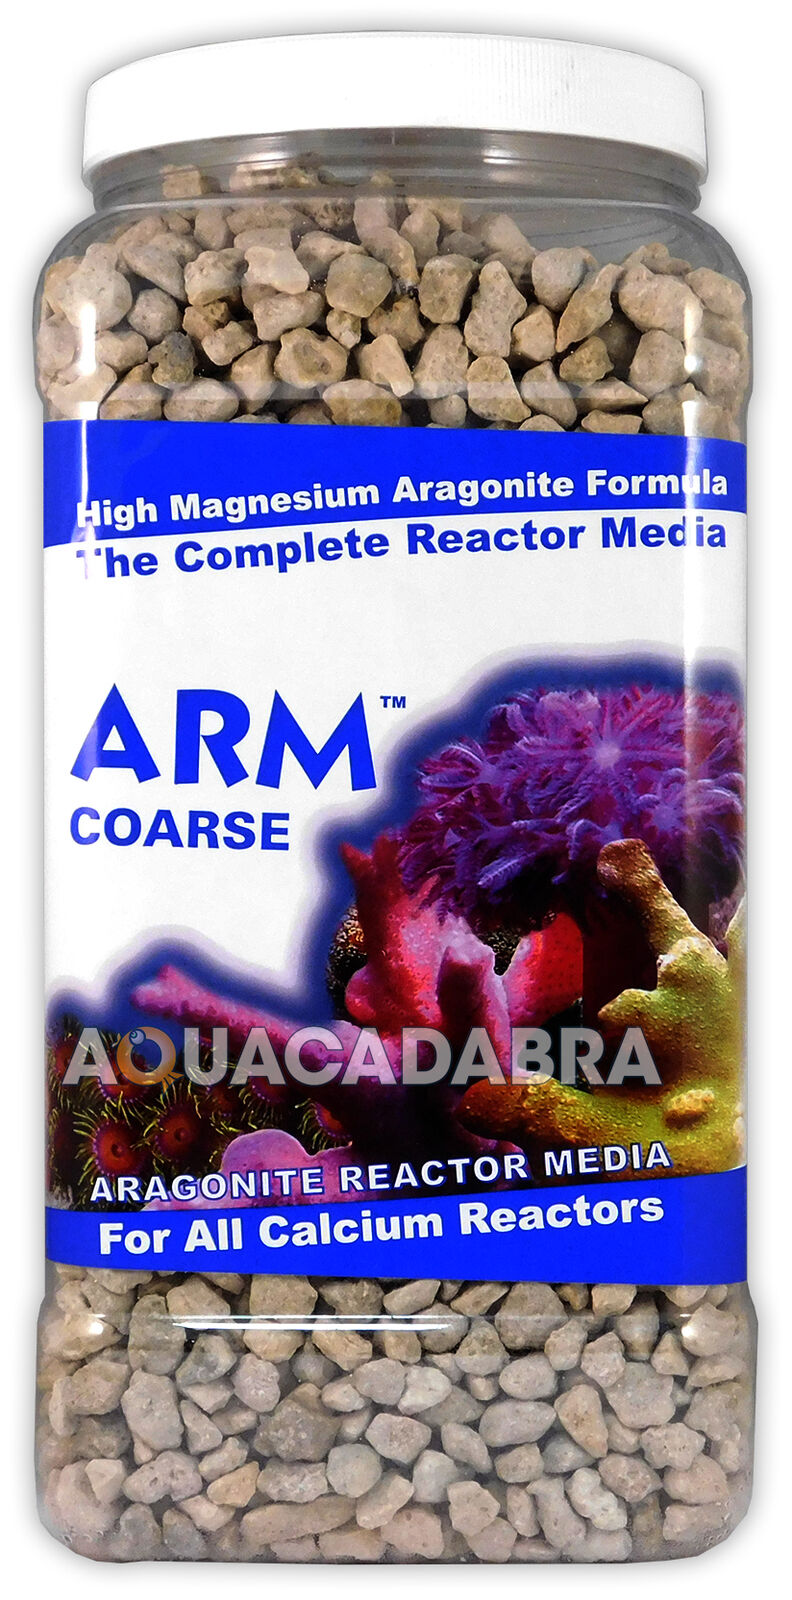 CARIBSEA ARM COARSE REACTOR MEDIA ARAGONITE 1GAL 8LB CALCIUM AQUARIUM FISH TANK